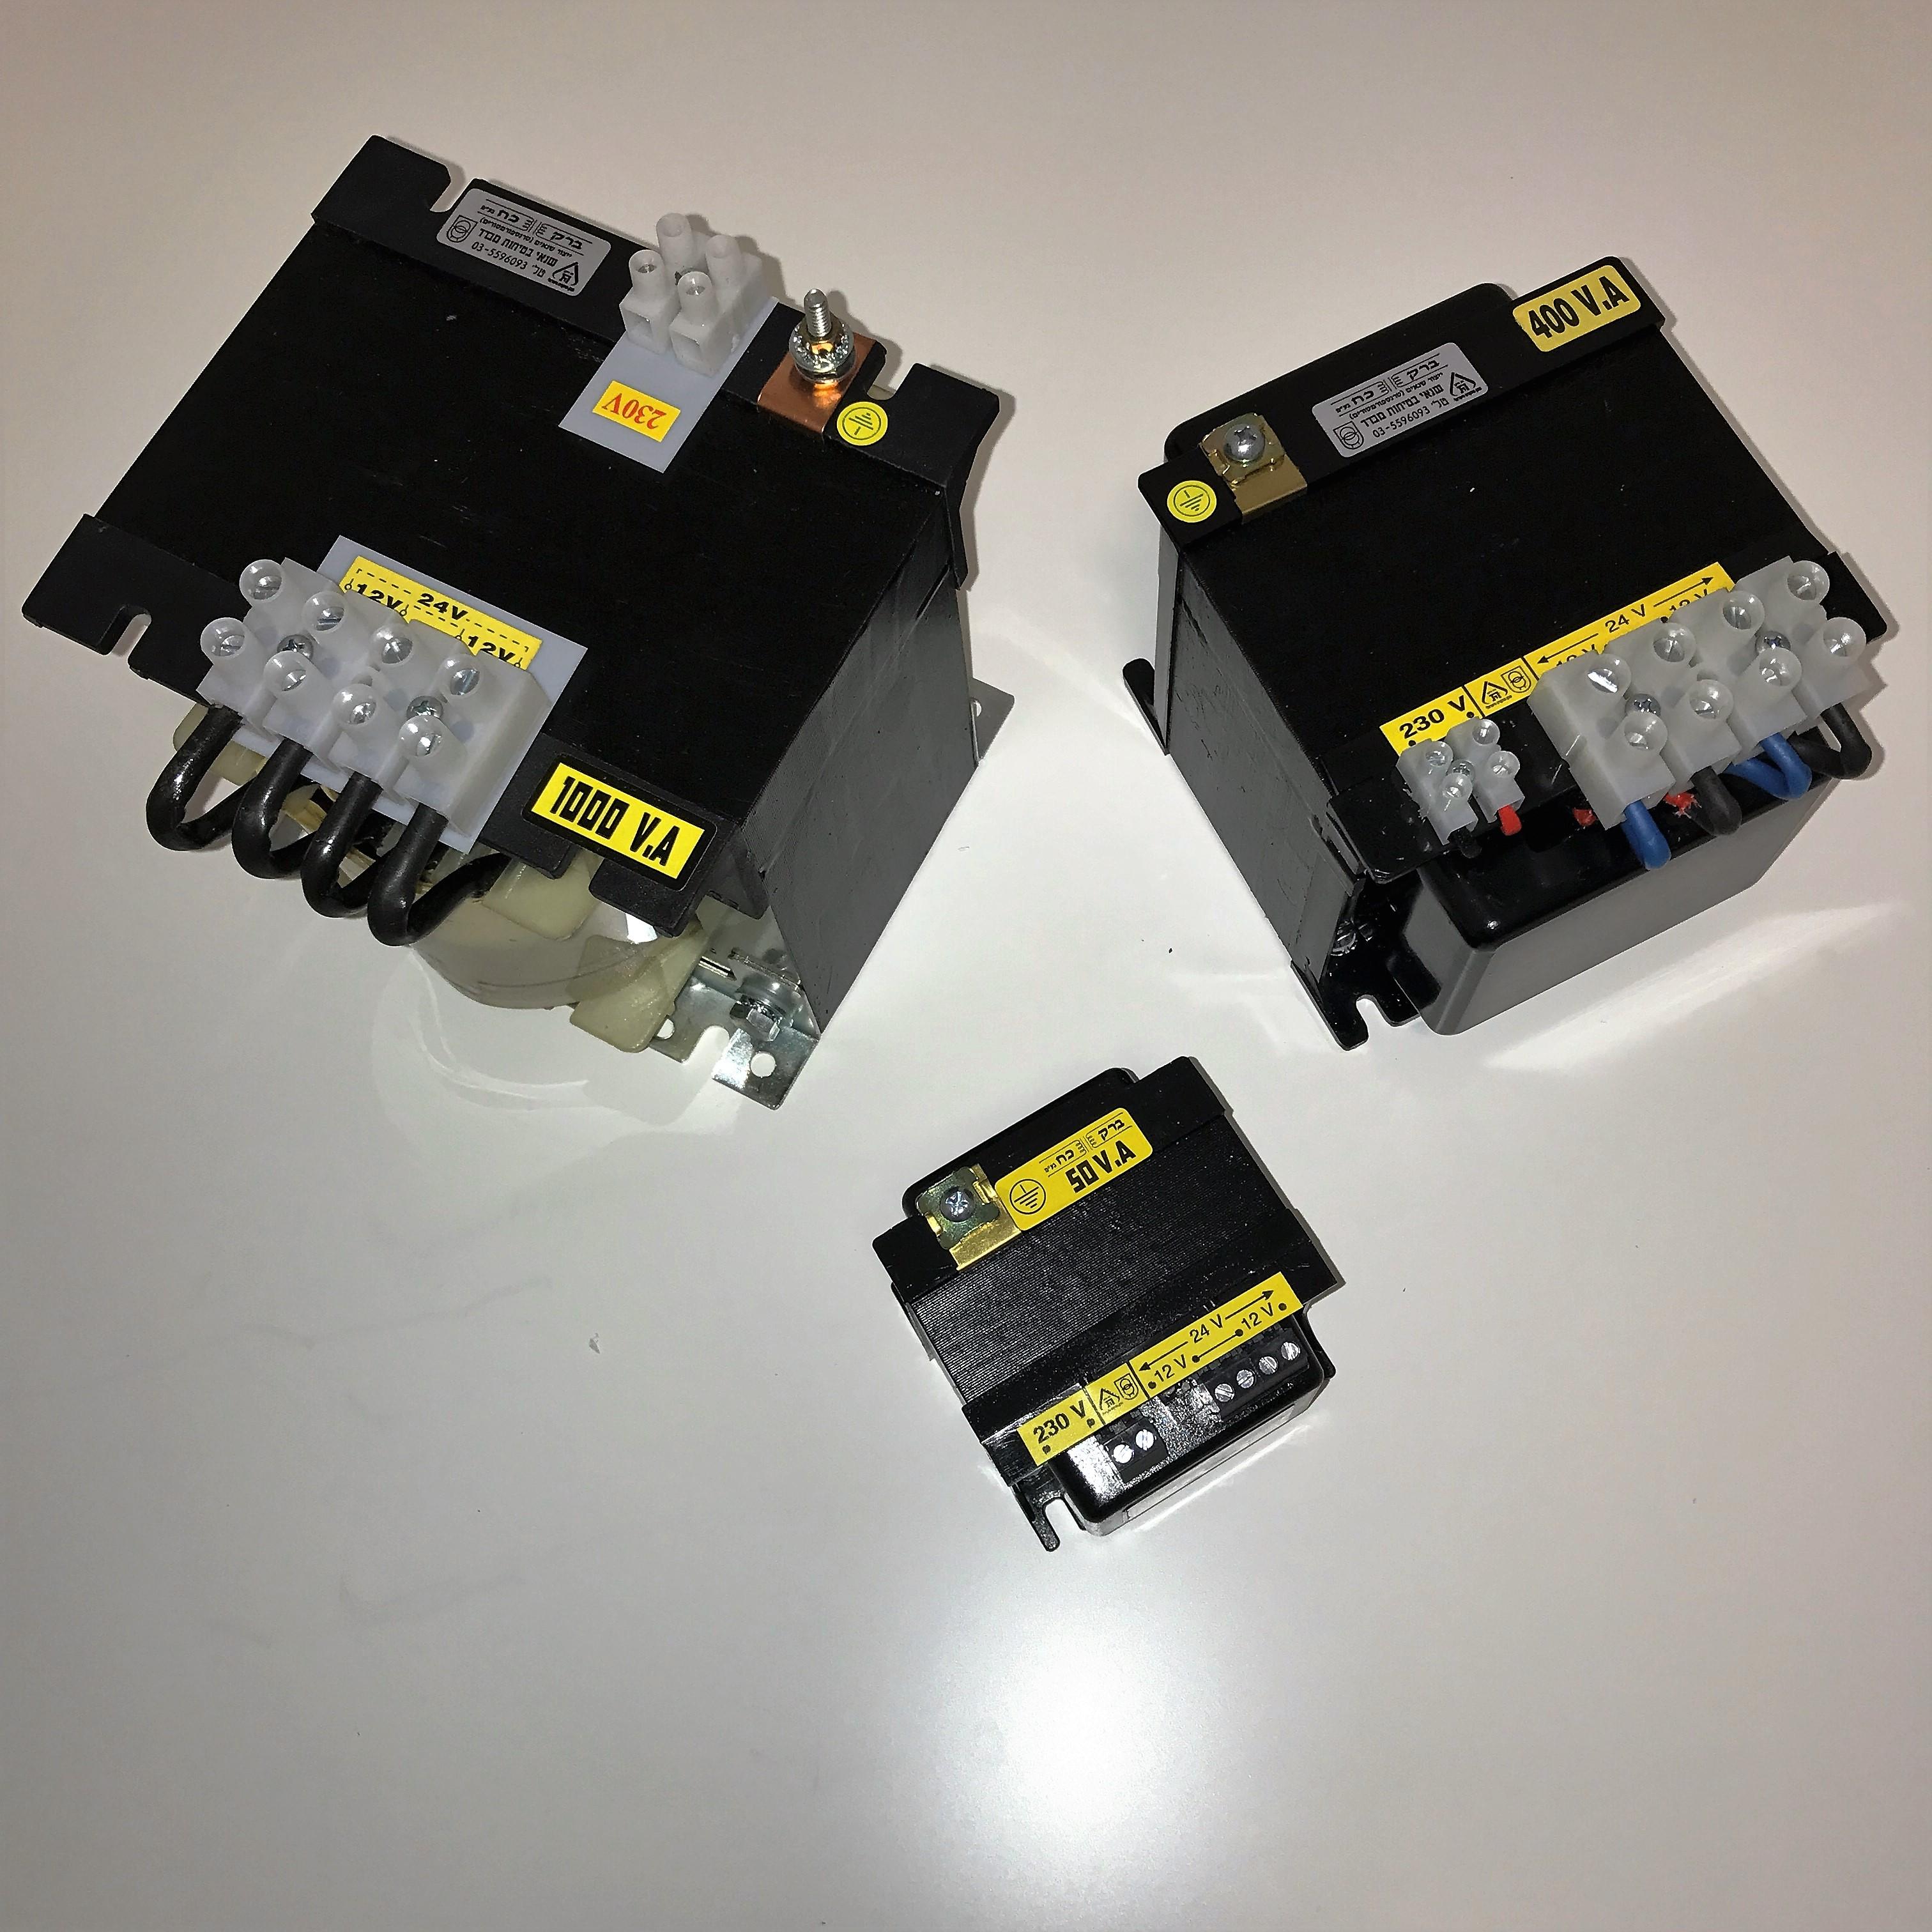 שנאי מבדל בהספק 5000VA במתחים 230V-12V+12V